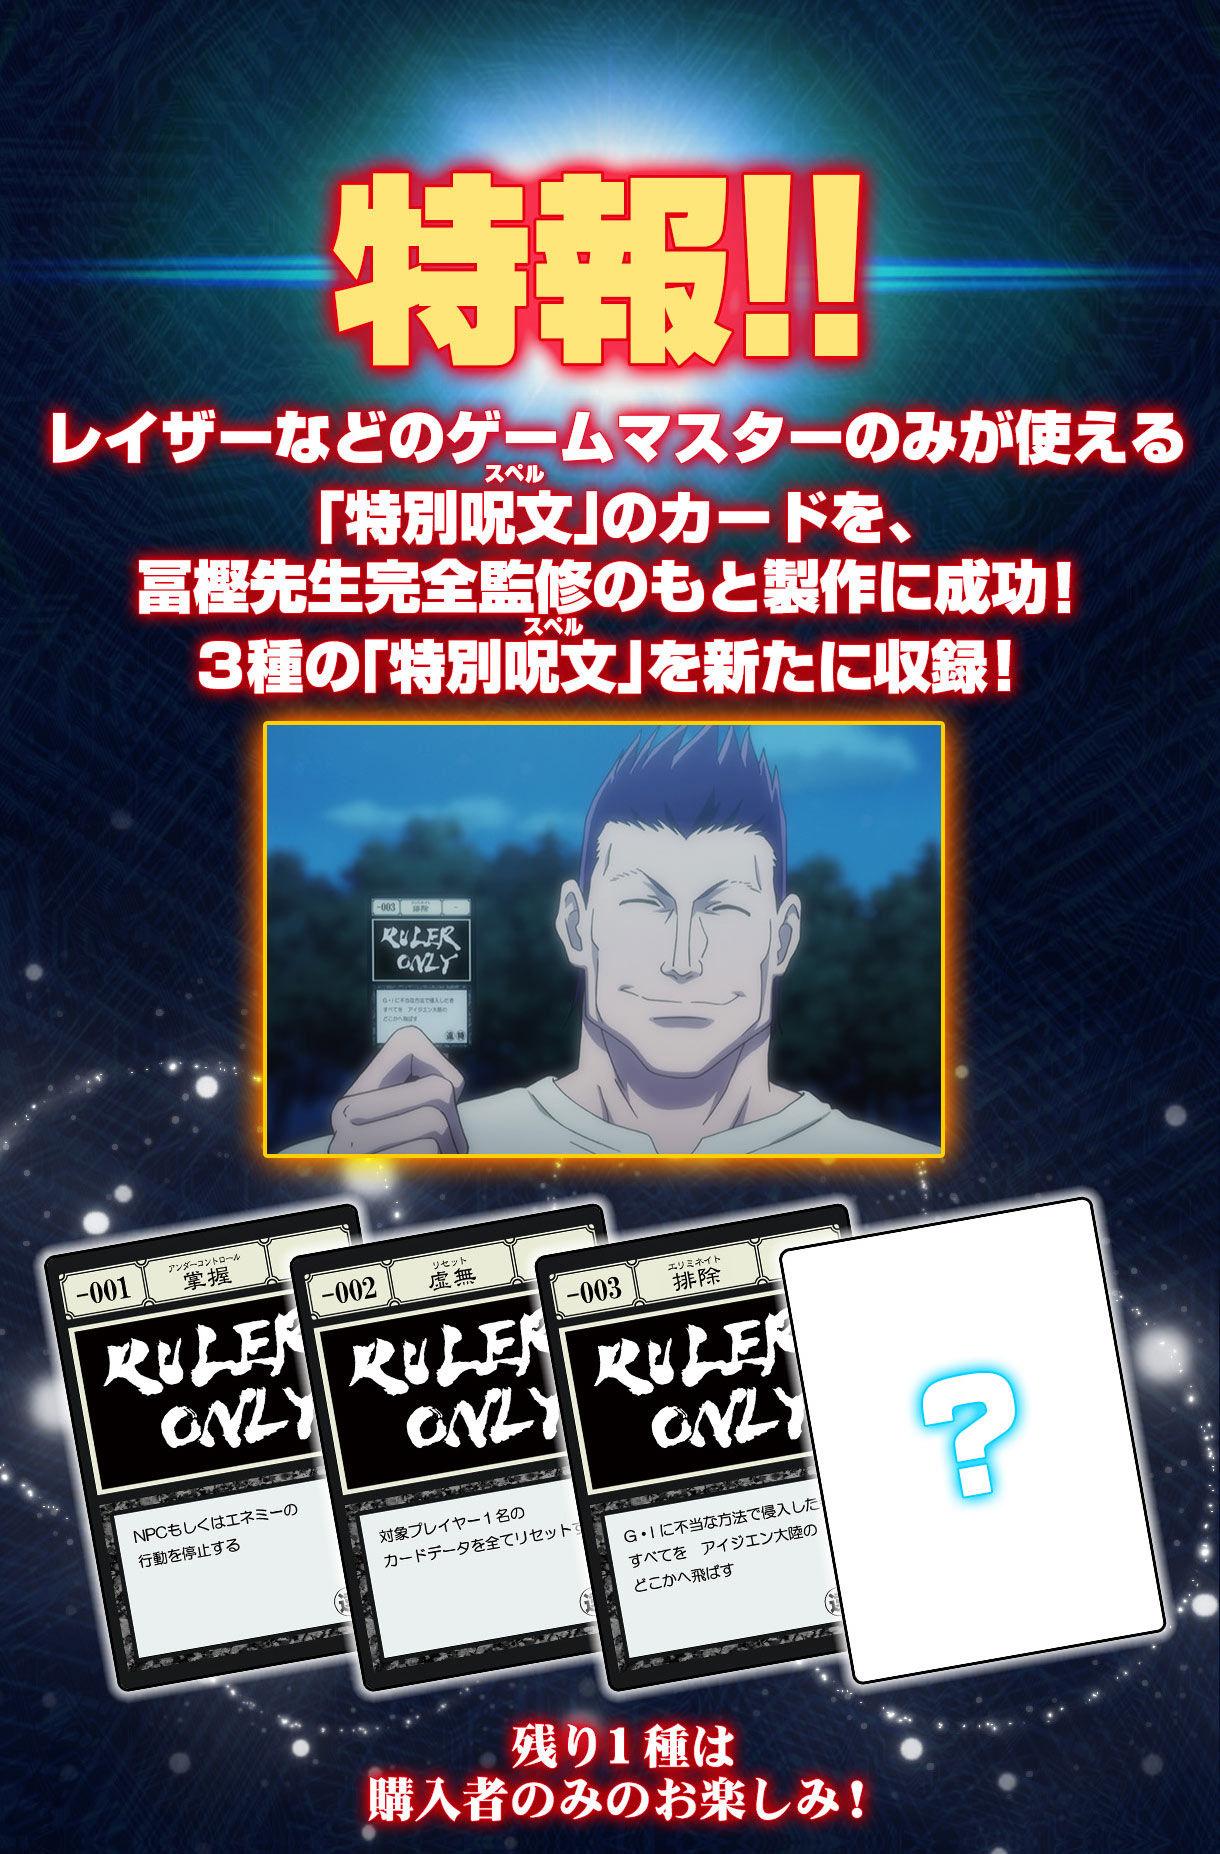 特報!! ゲームマスターのみが使えるカード